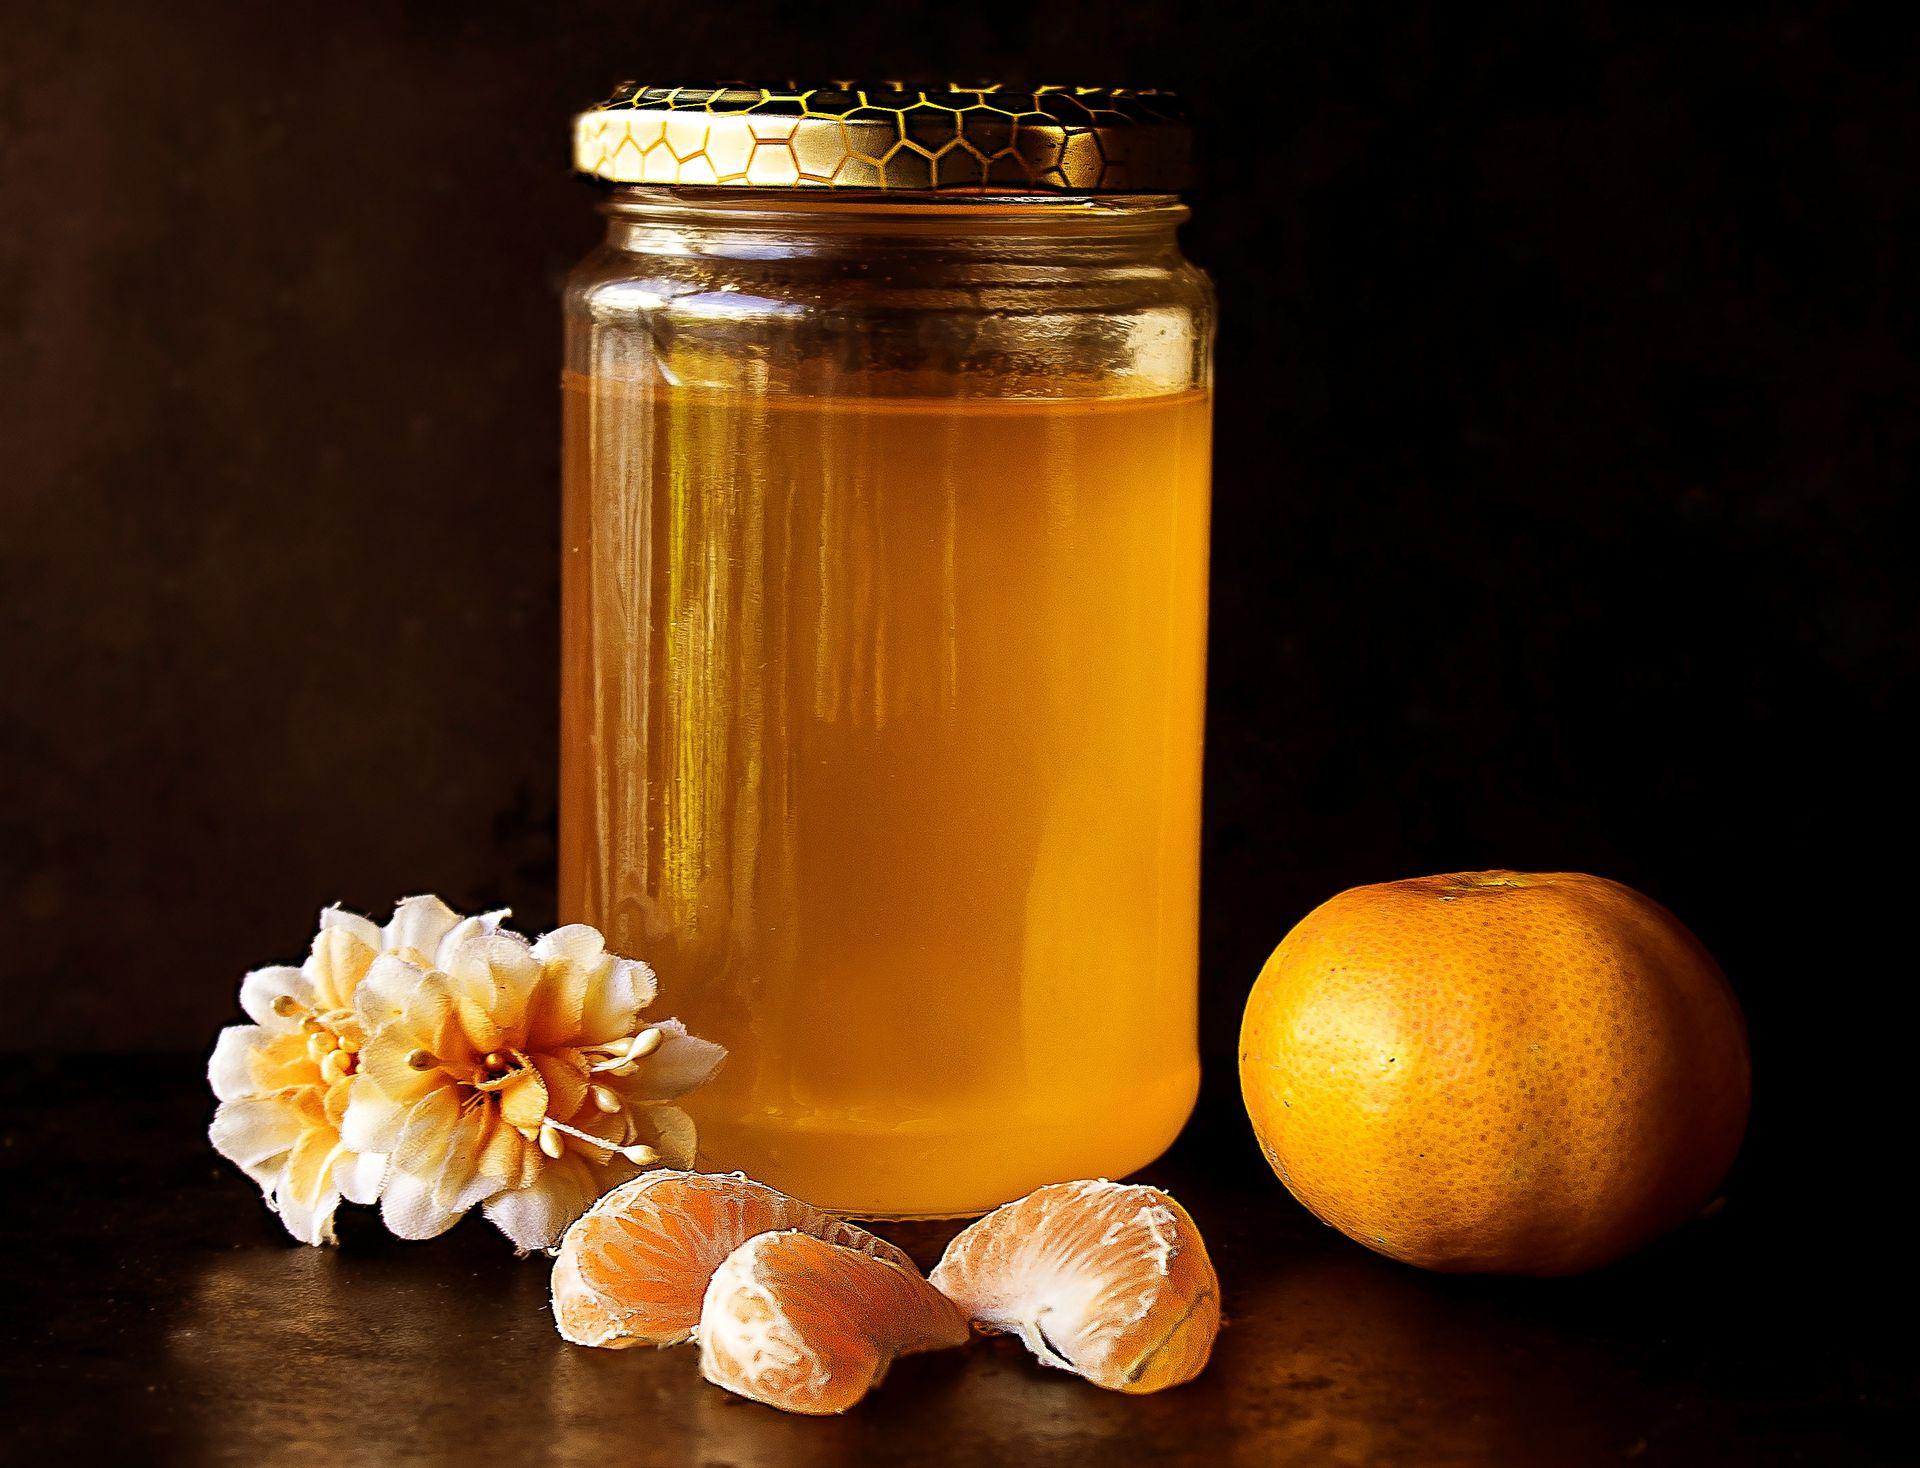 Ukraїna stala jevropejśkoju liderkoju iz vyrobnyctva medu